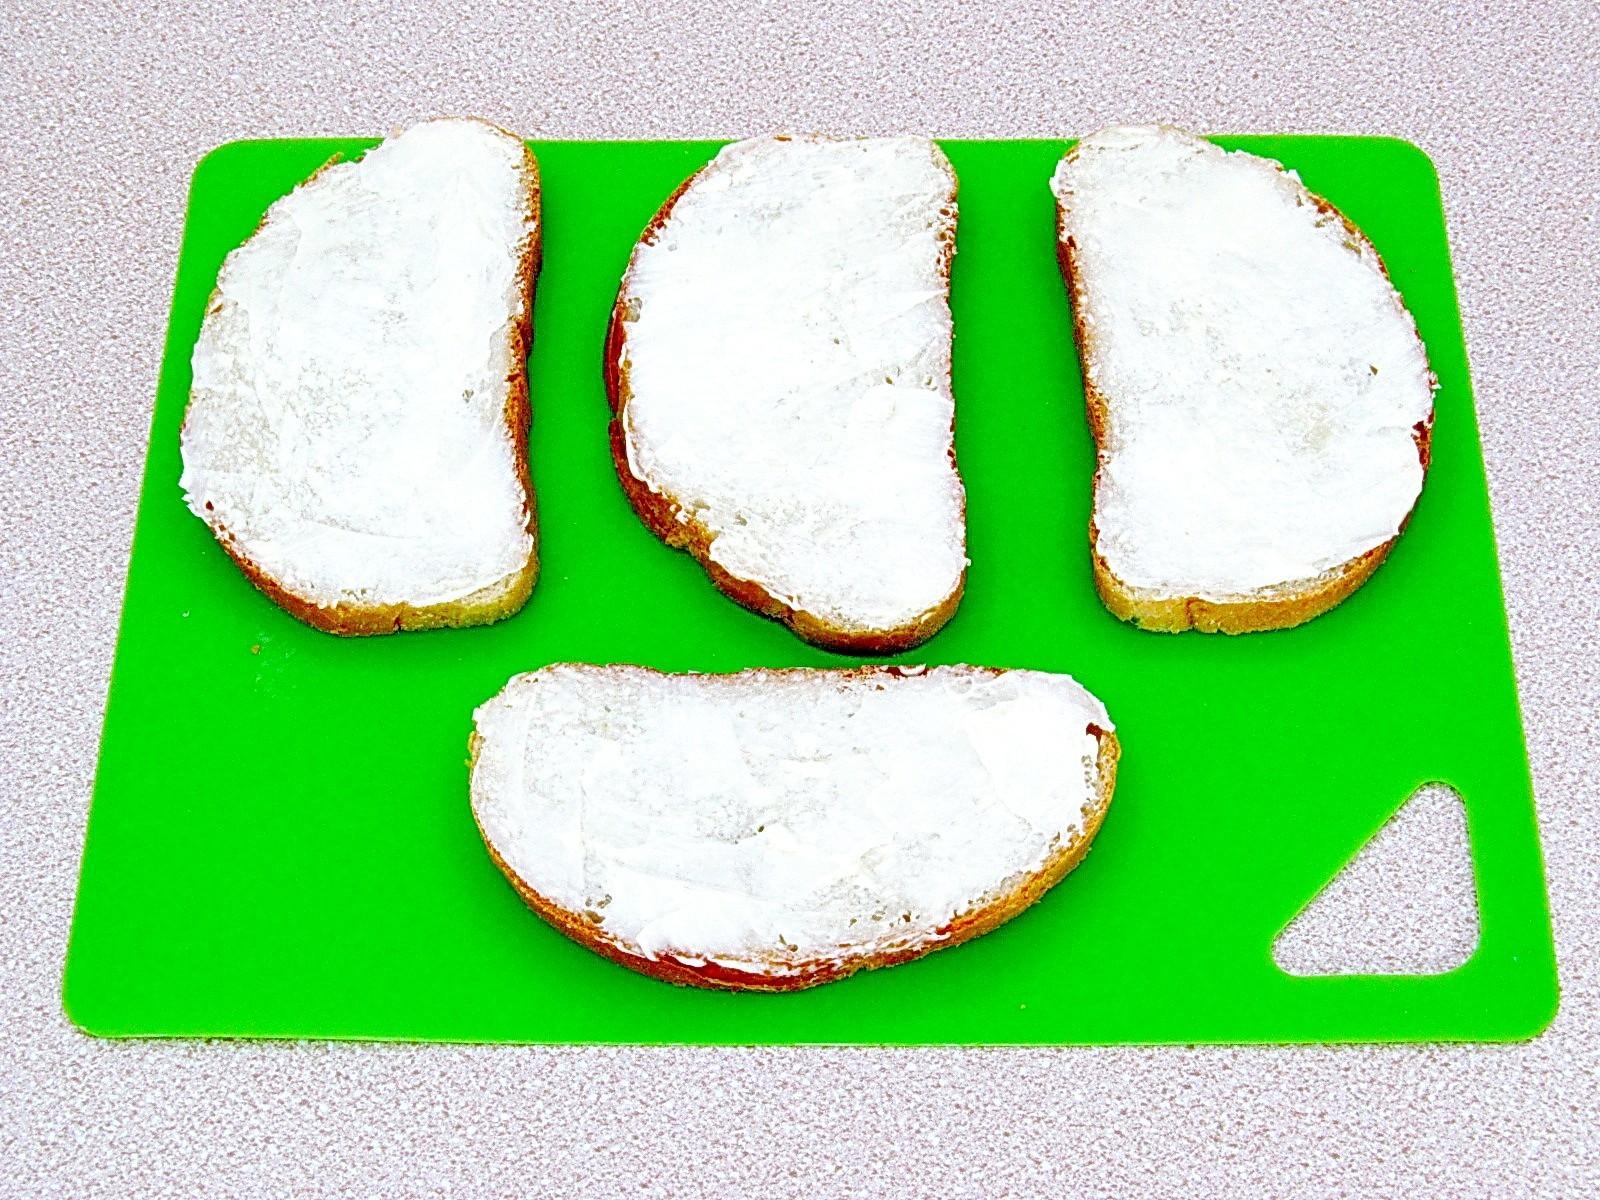 Горячие бутерброды с творогом и тмином: Порезать хлеб